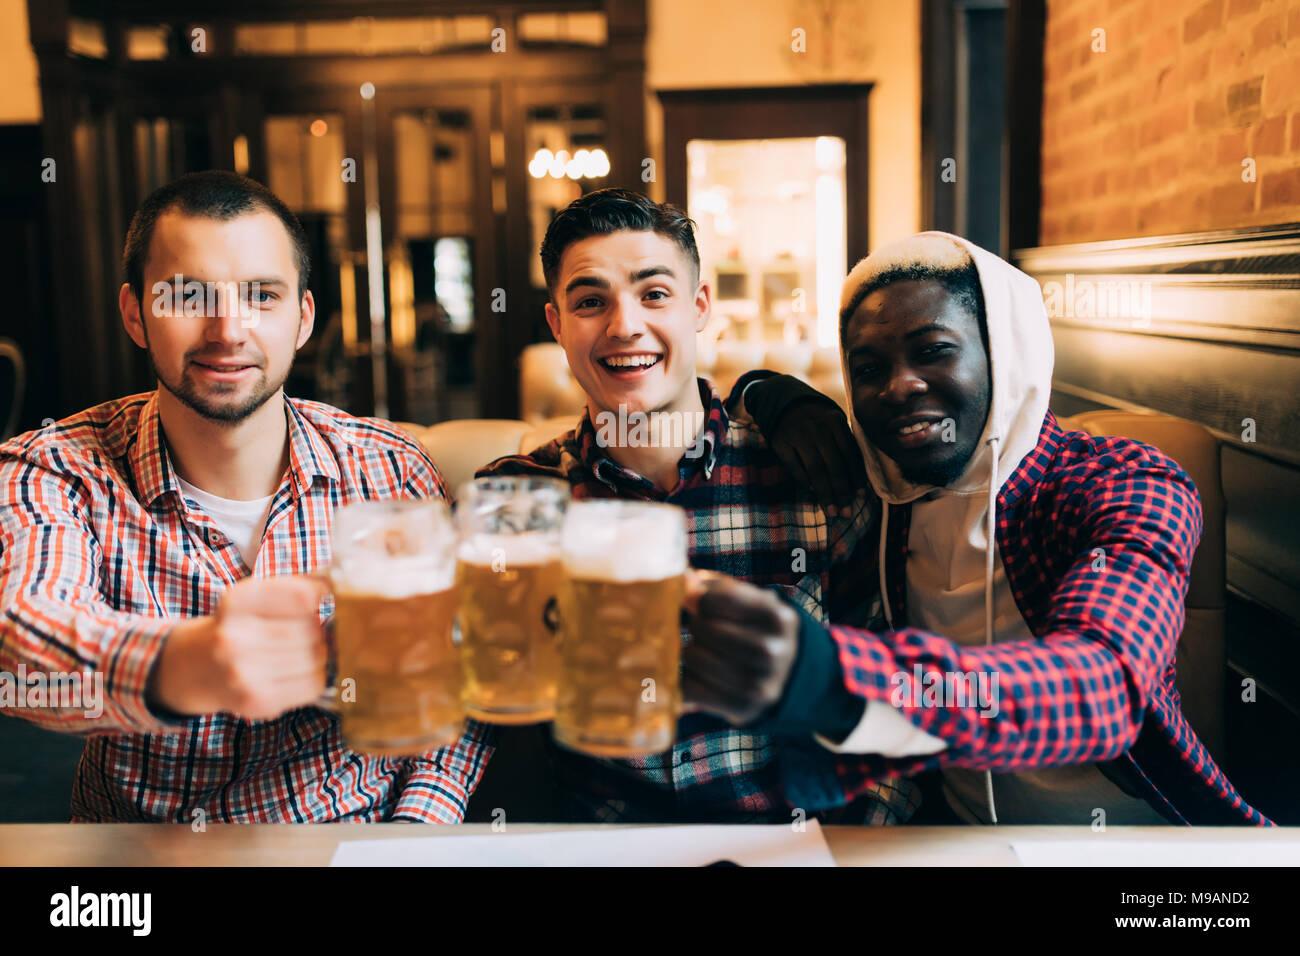 Happy amici maschi a bere birra e tintinnanti bicchieri al bar o pub Immagini Stock